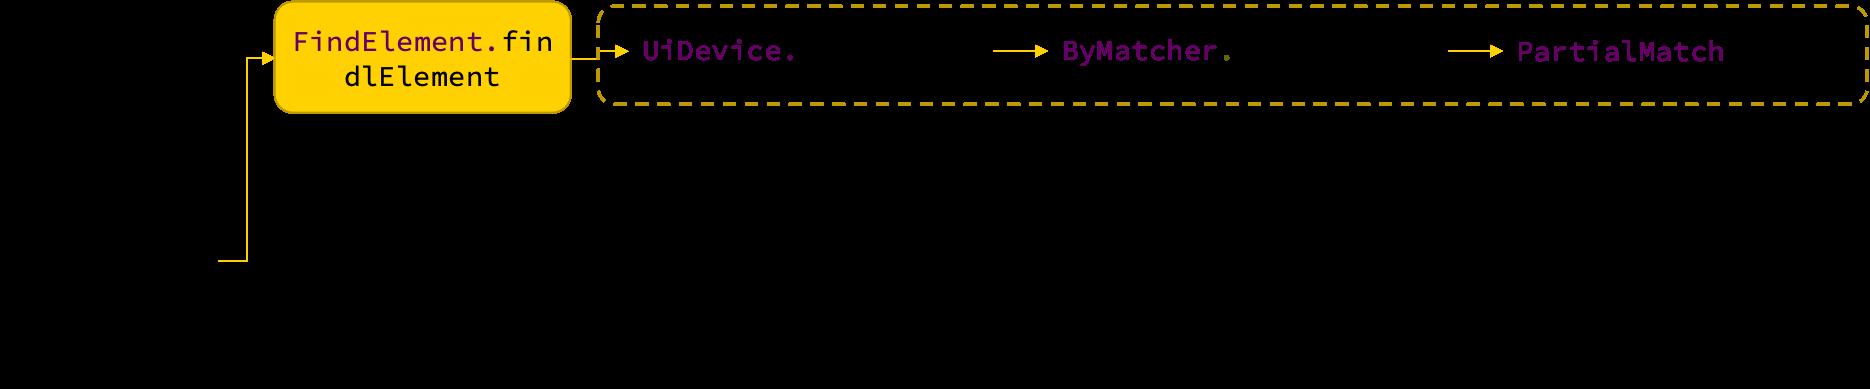 图4 Appium定位元素的实现流程